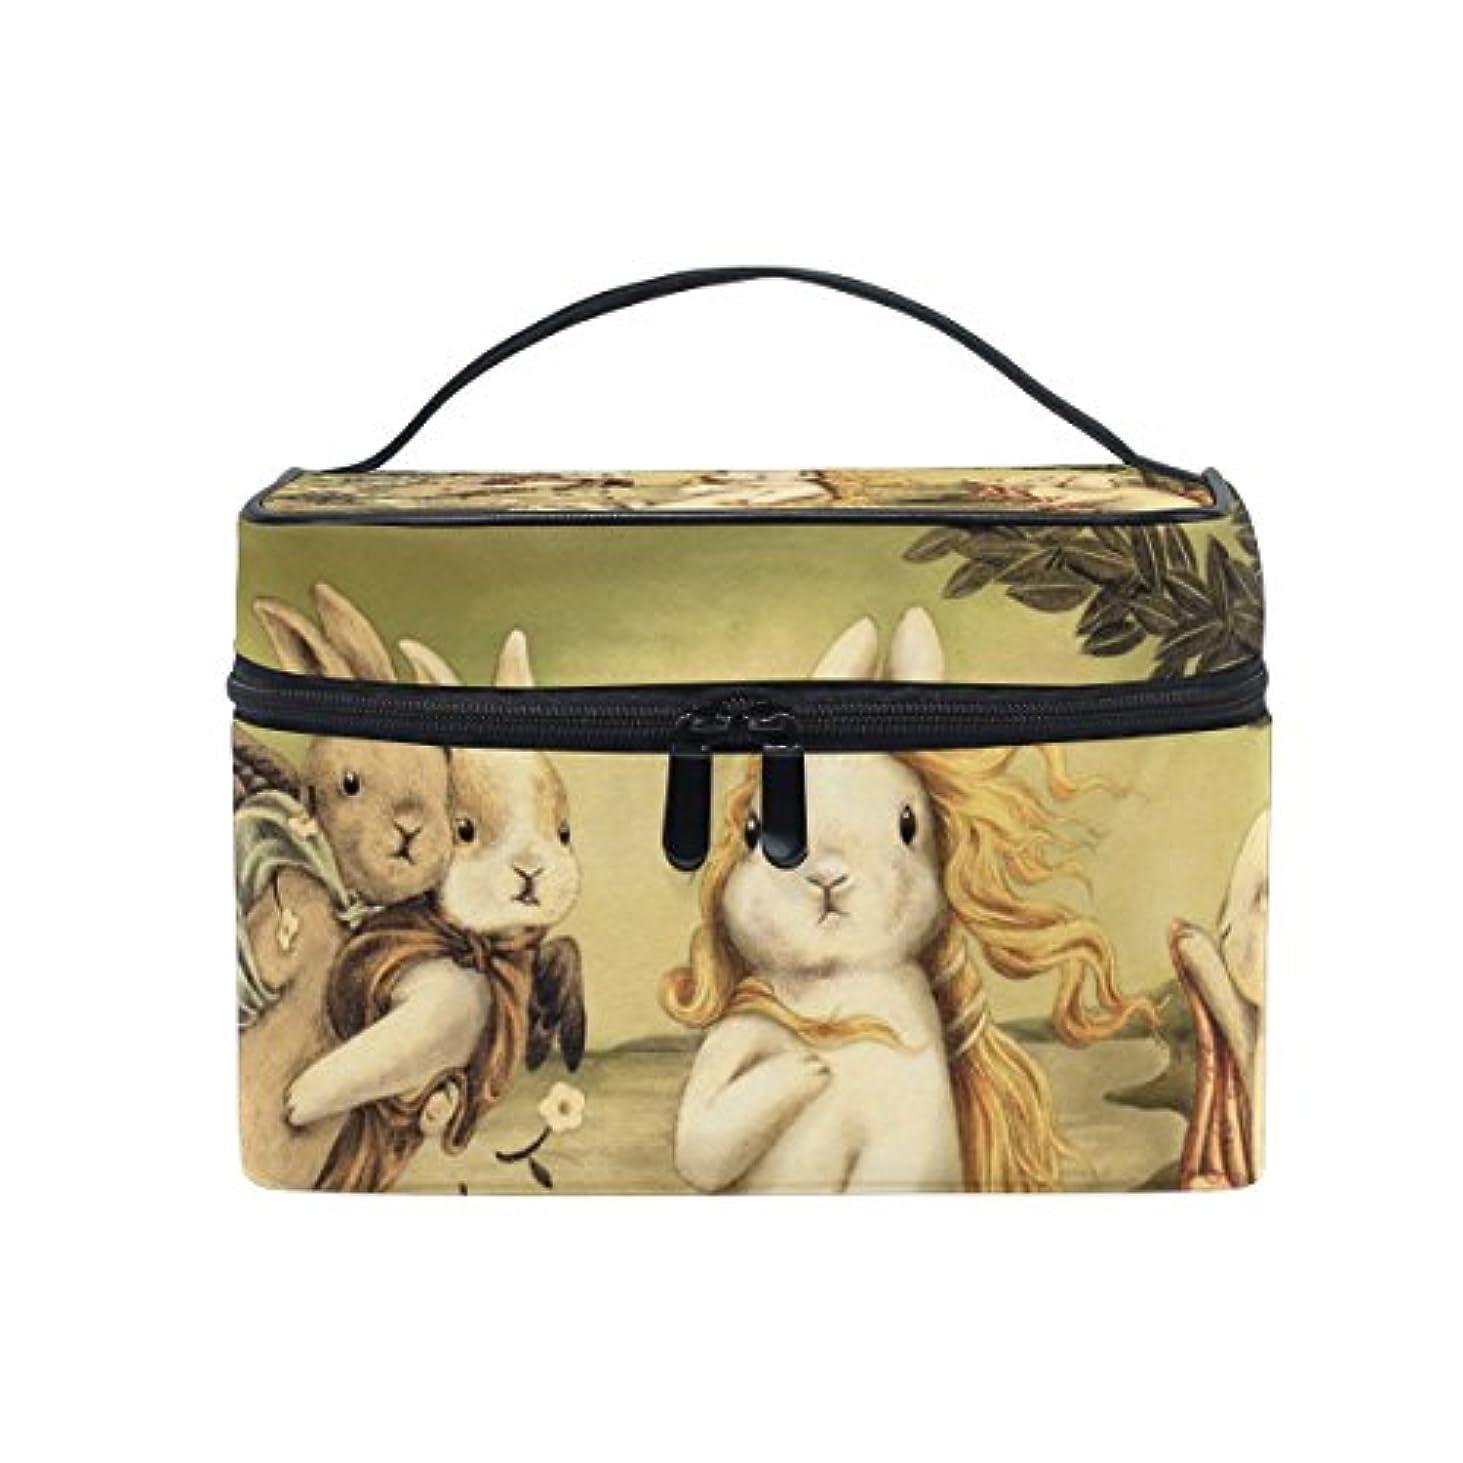 僕のハング嫌がらせバララ (La Rose) 化粧ポーチ コスメポーチ 大容量 おしゃれ 機能的 かわいい ウサギの版 ヴィーナスの誕生 兎柄 メイクポーチ 化粧箱 軽量 小物入れ 収納バッグ 女性 雑貨 プレゼント